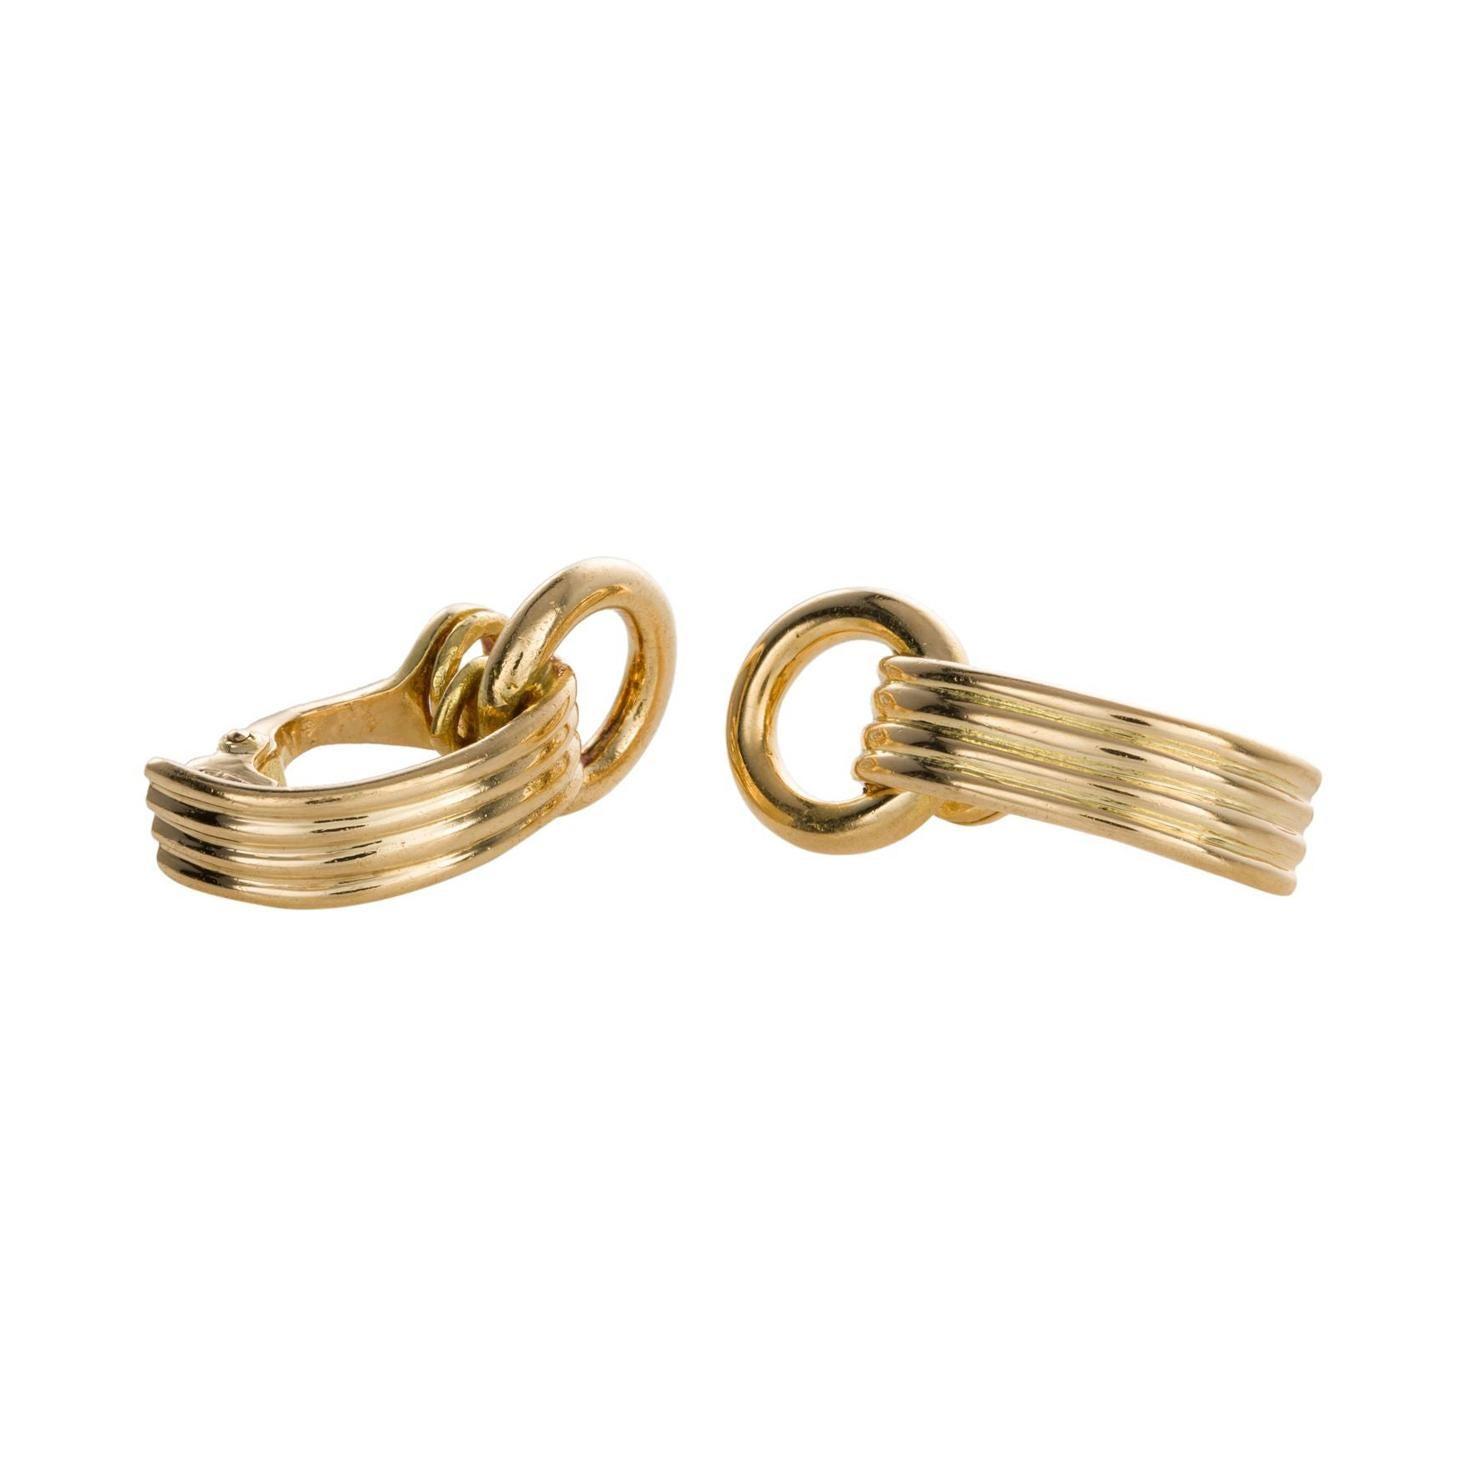 18 Karat Yellow Gold Hermes Ear Clips